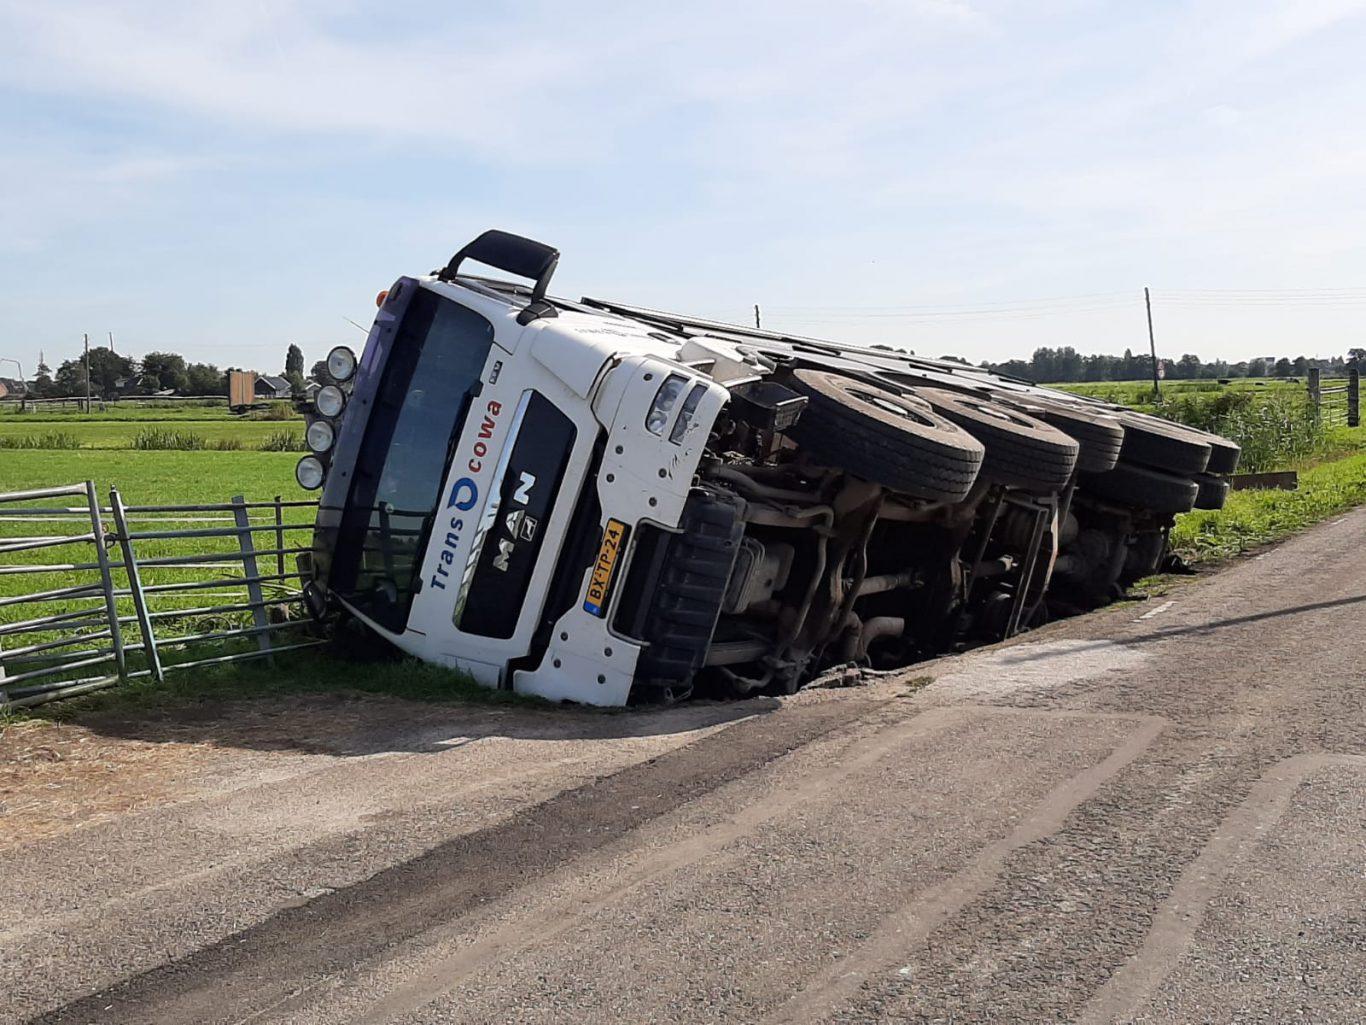 ongeval vrachtwagen in sloot